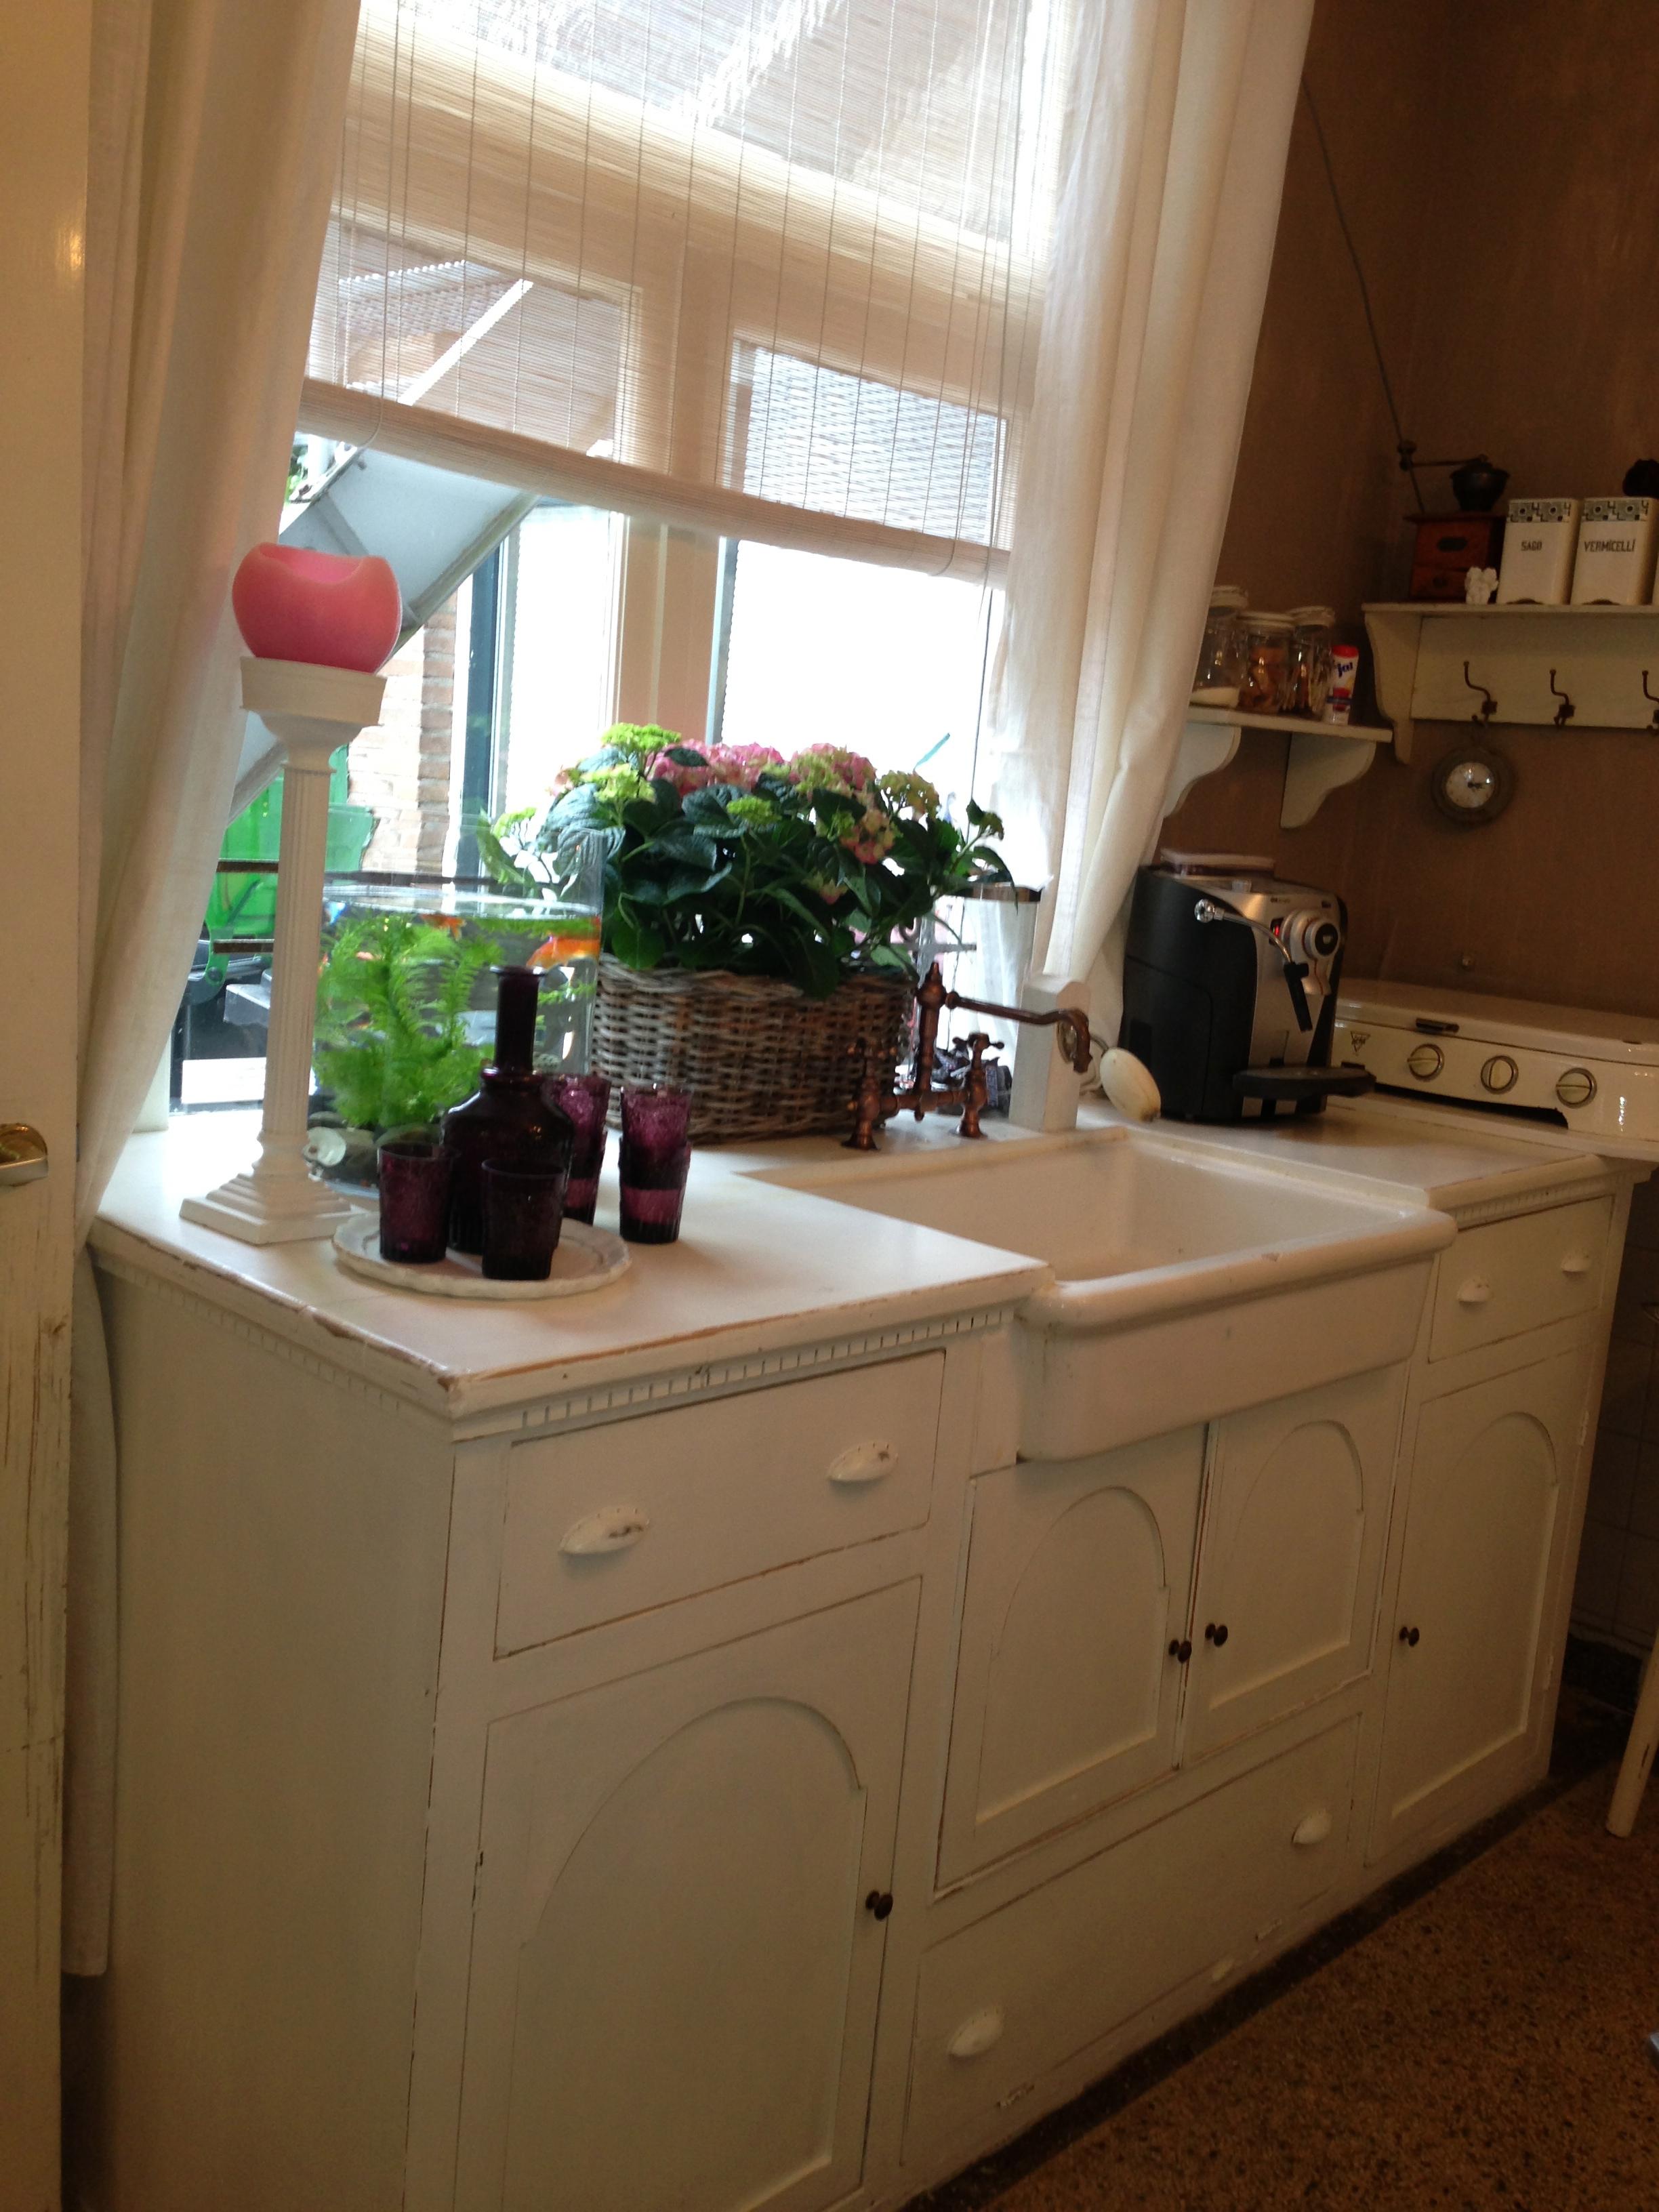 De winkel il fienile alles wat vrouwen leuk vinden - Een dressoir keuken ...